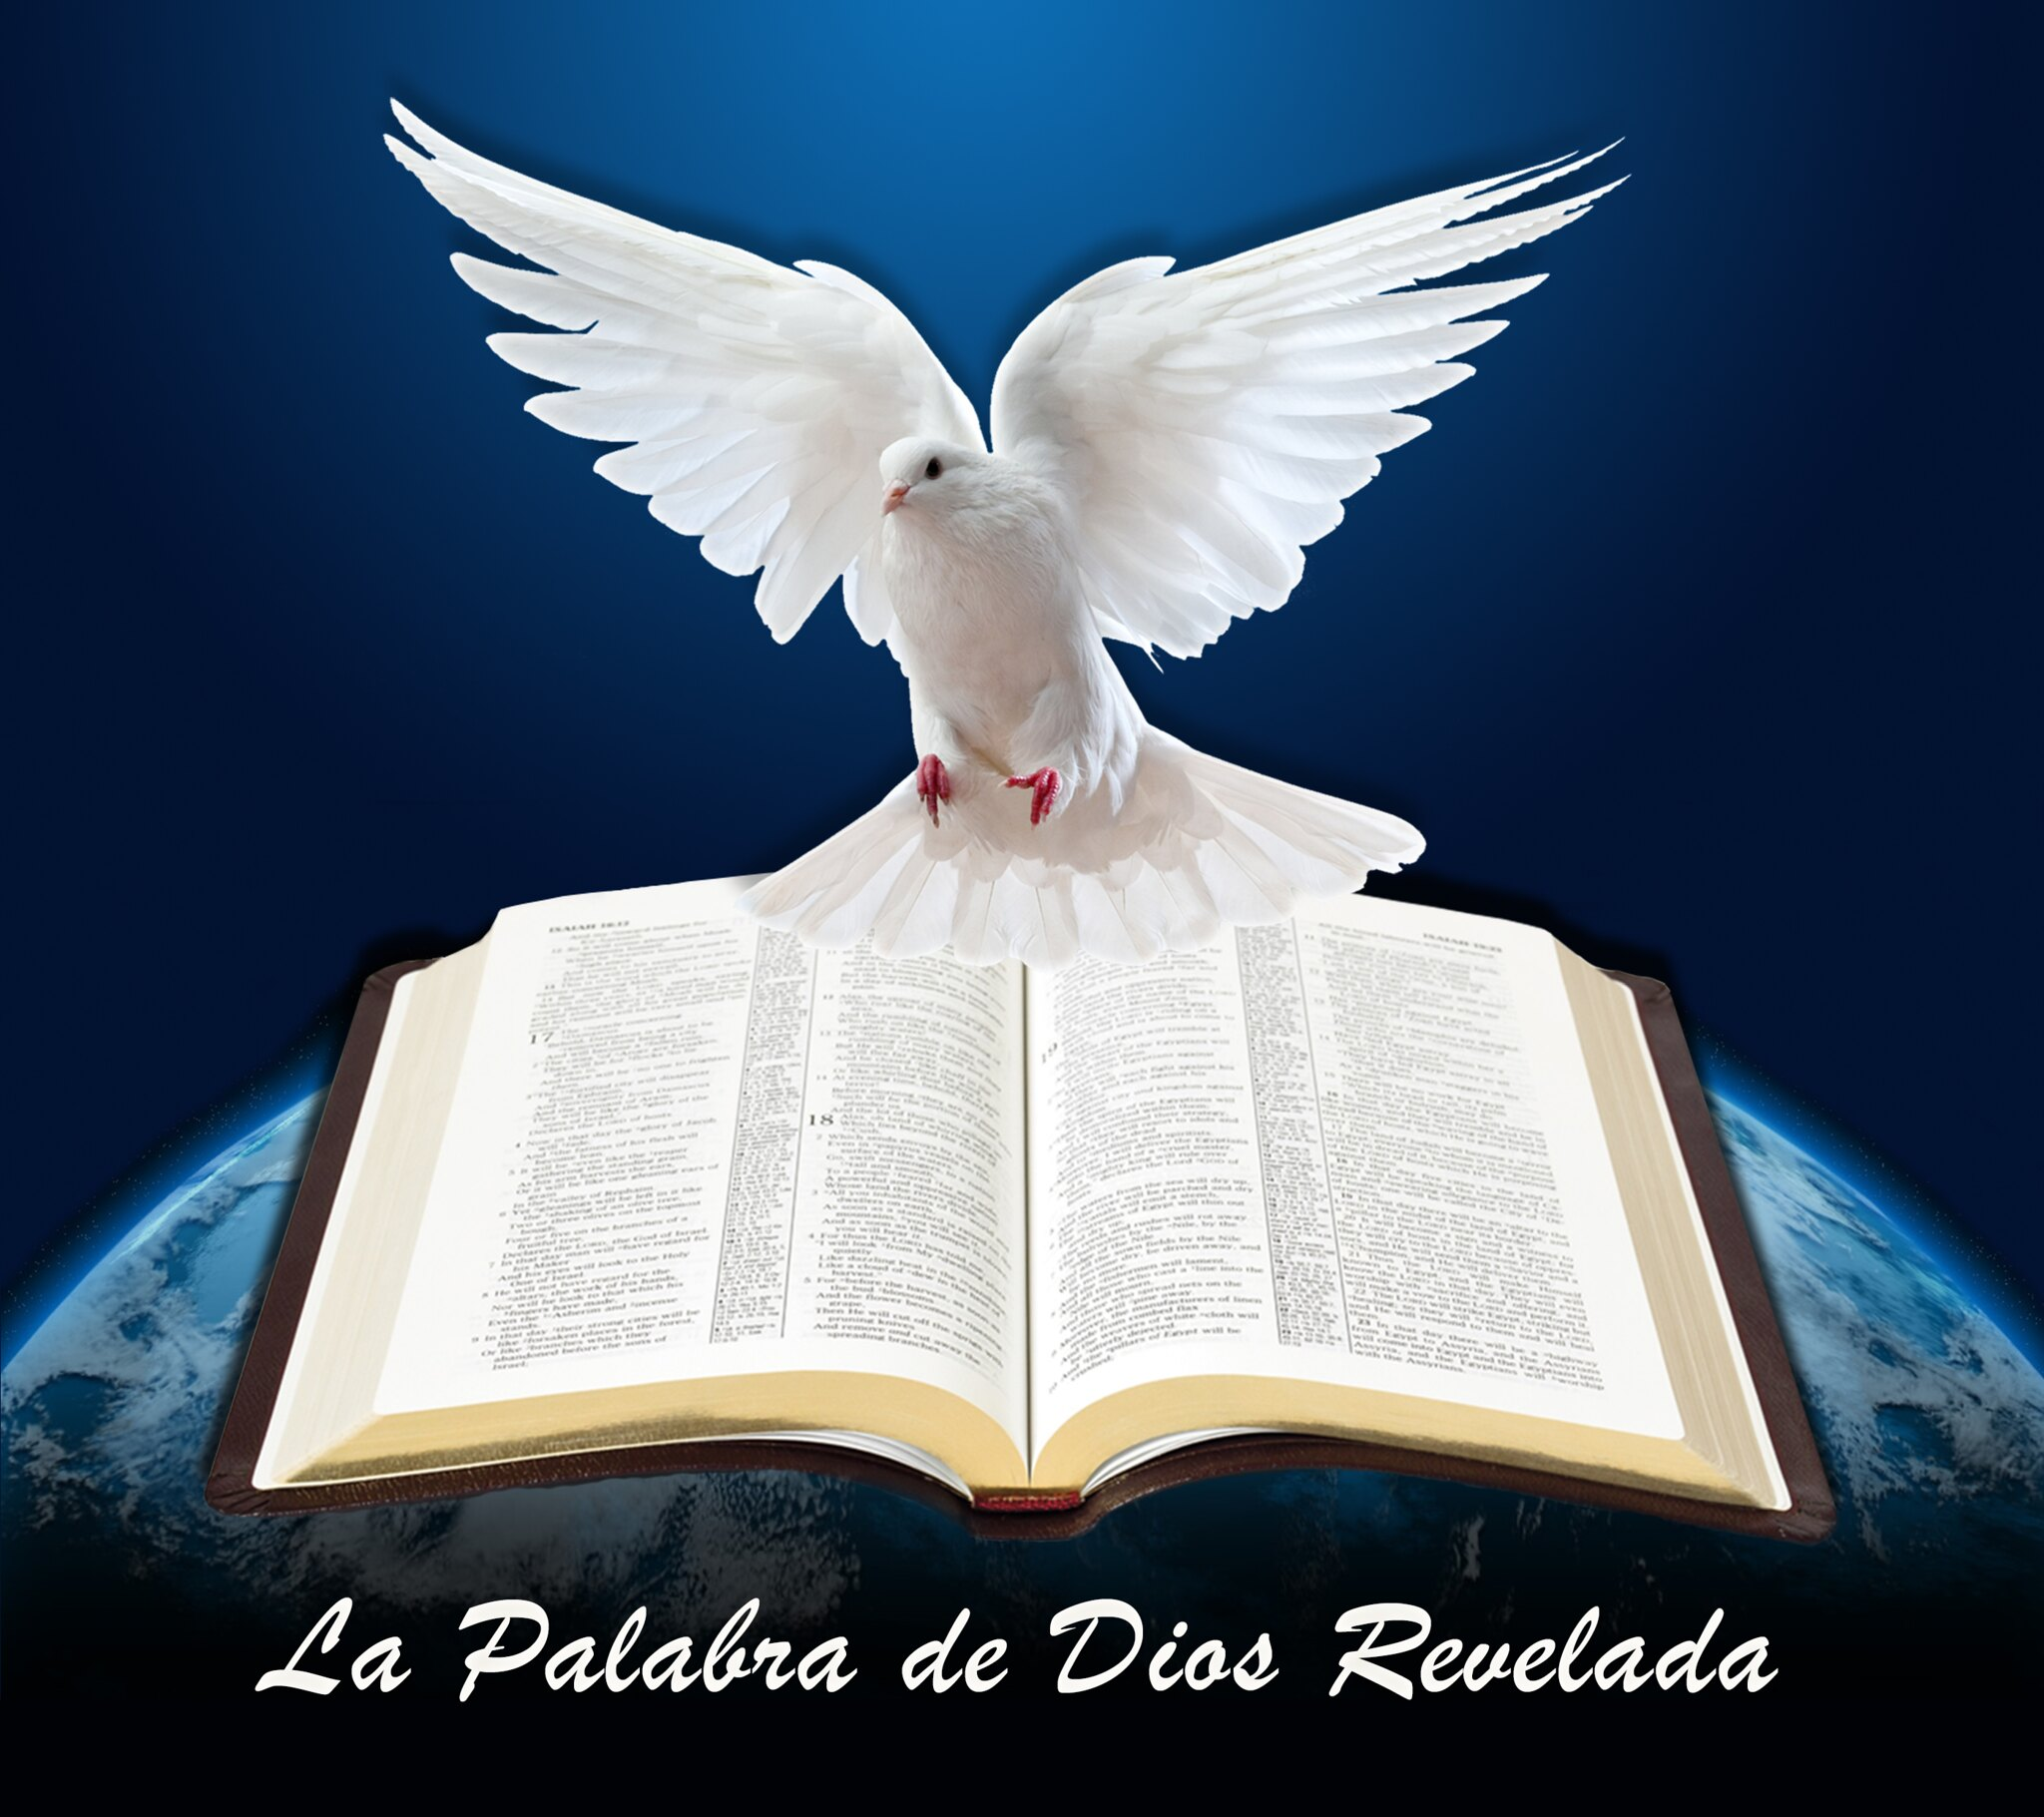 Imagenes De Biblias Abiertas